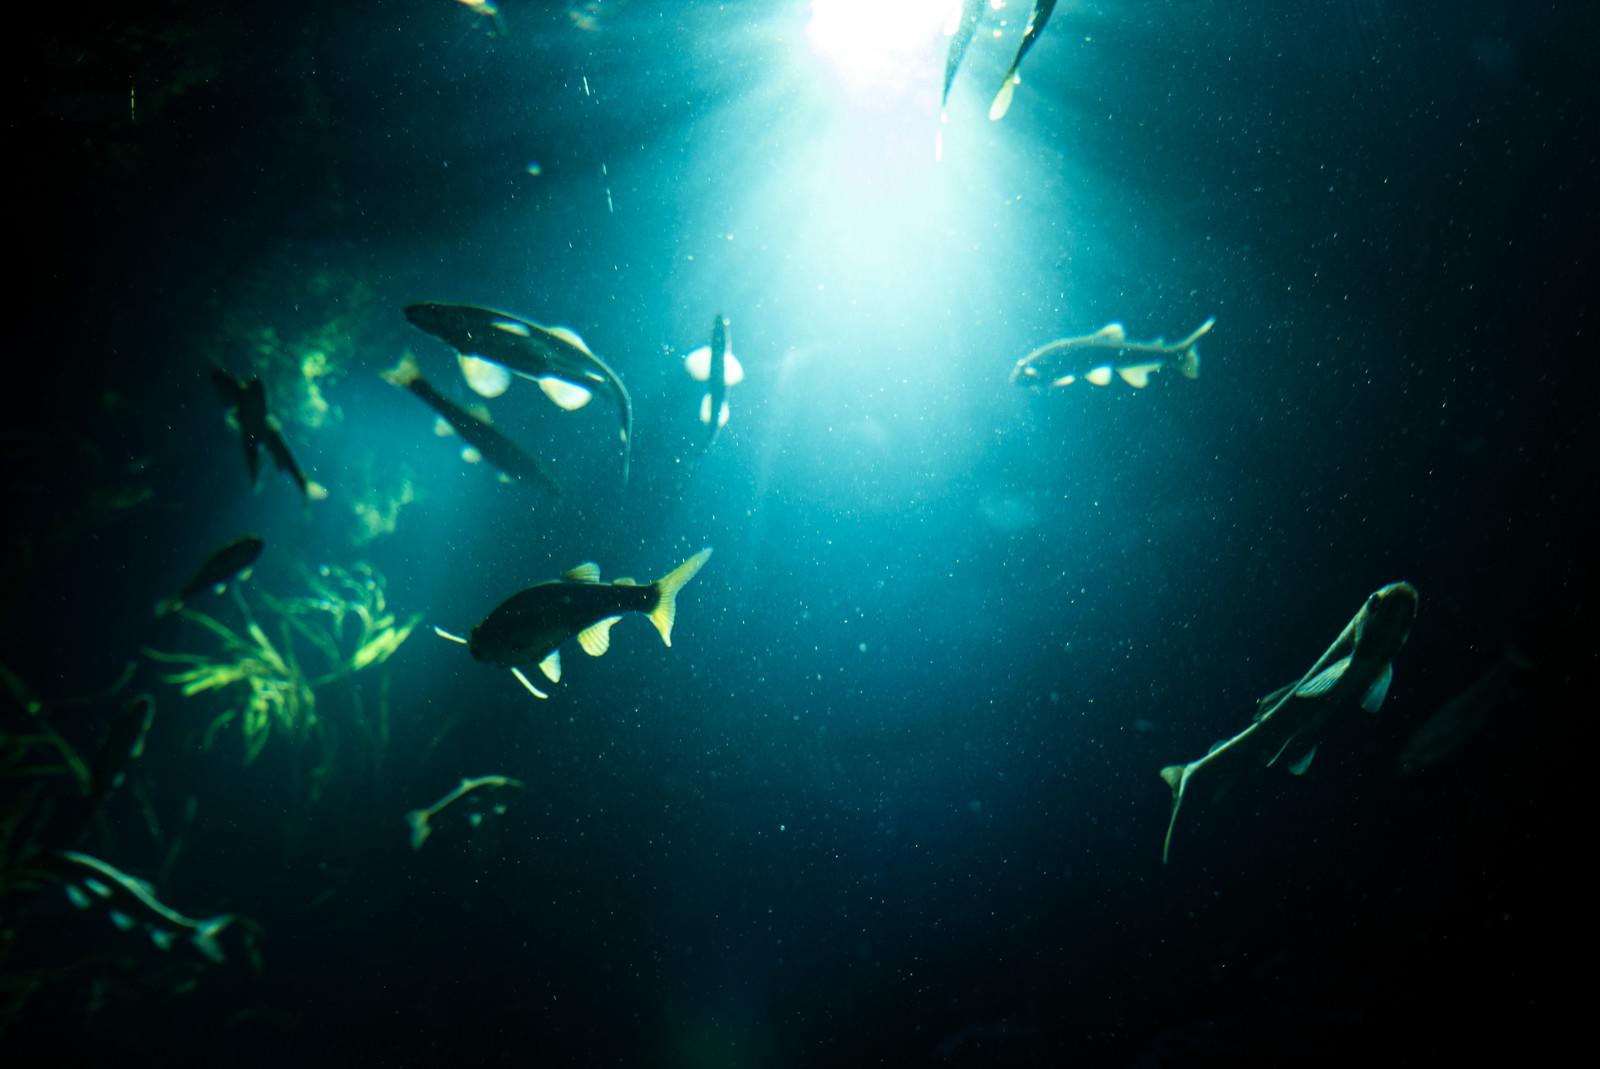 「水中に射し込む光と魚の影」の写真